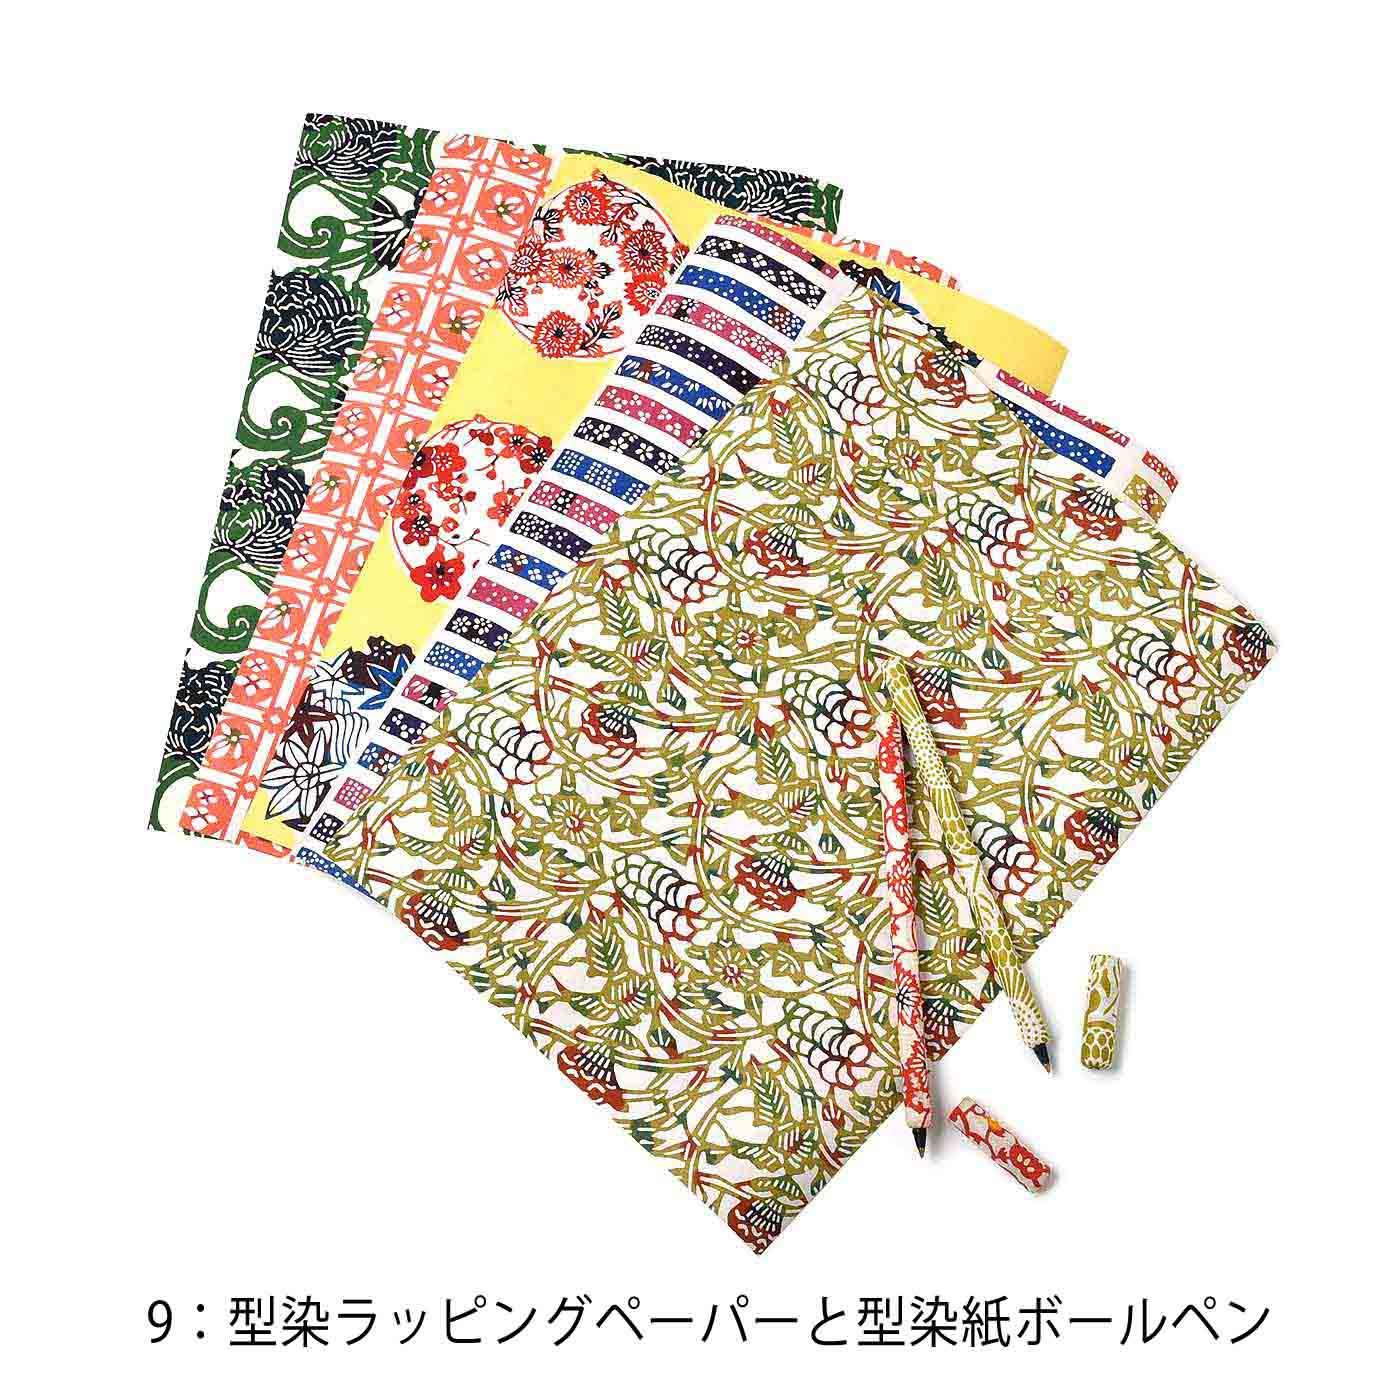 型染ラッピングペーパー 5枚:紙 縦約22cm、横約30cm 型染紙ボールペン 2本:紙など 長さ約17cm